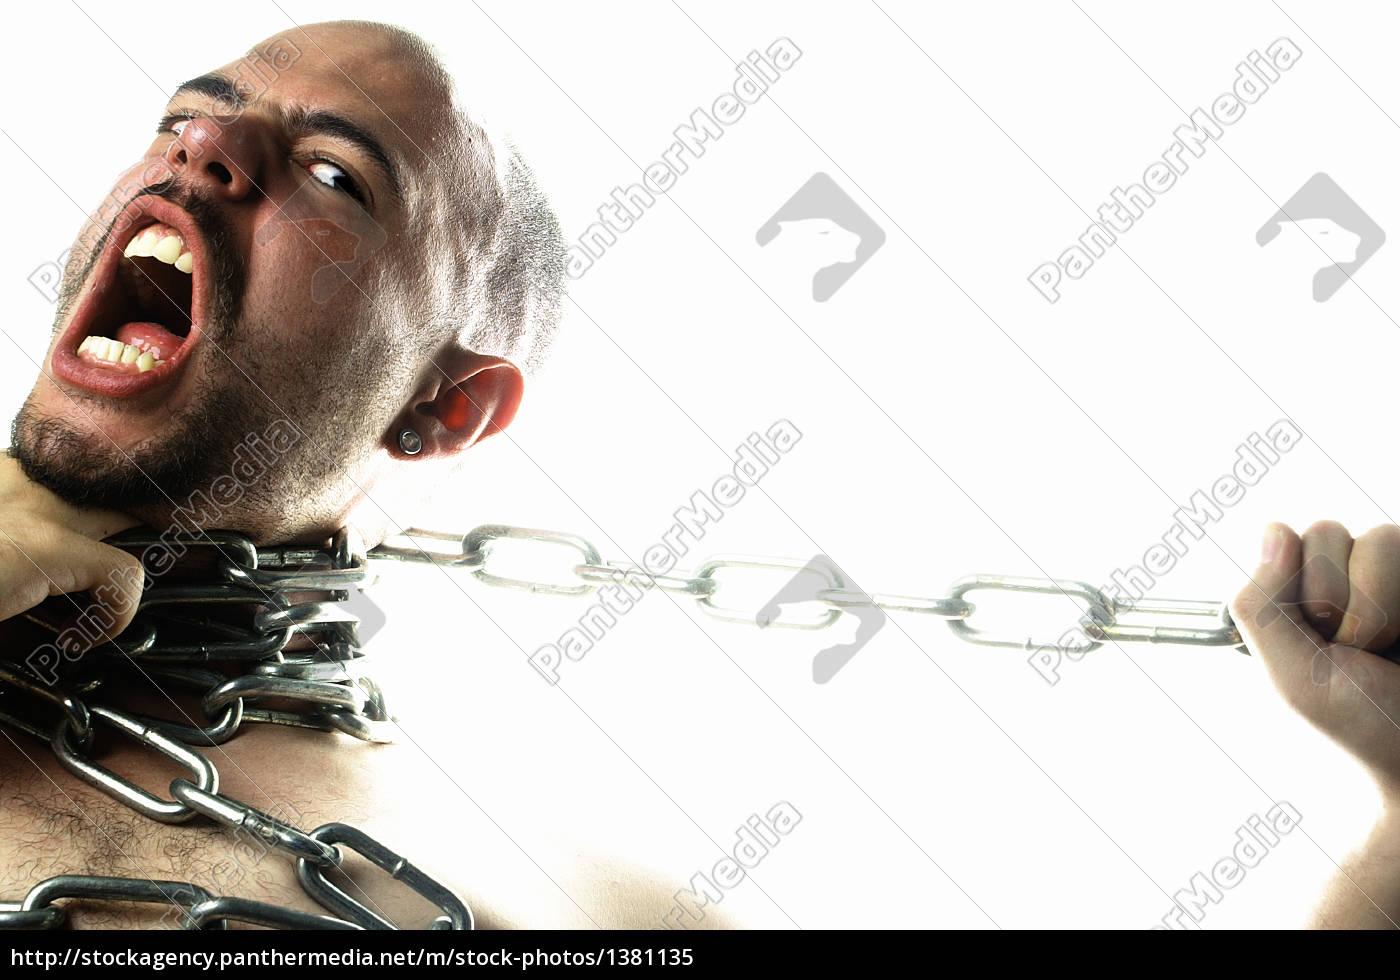 chains, (02) - 1381135